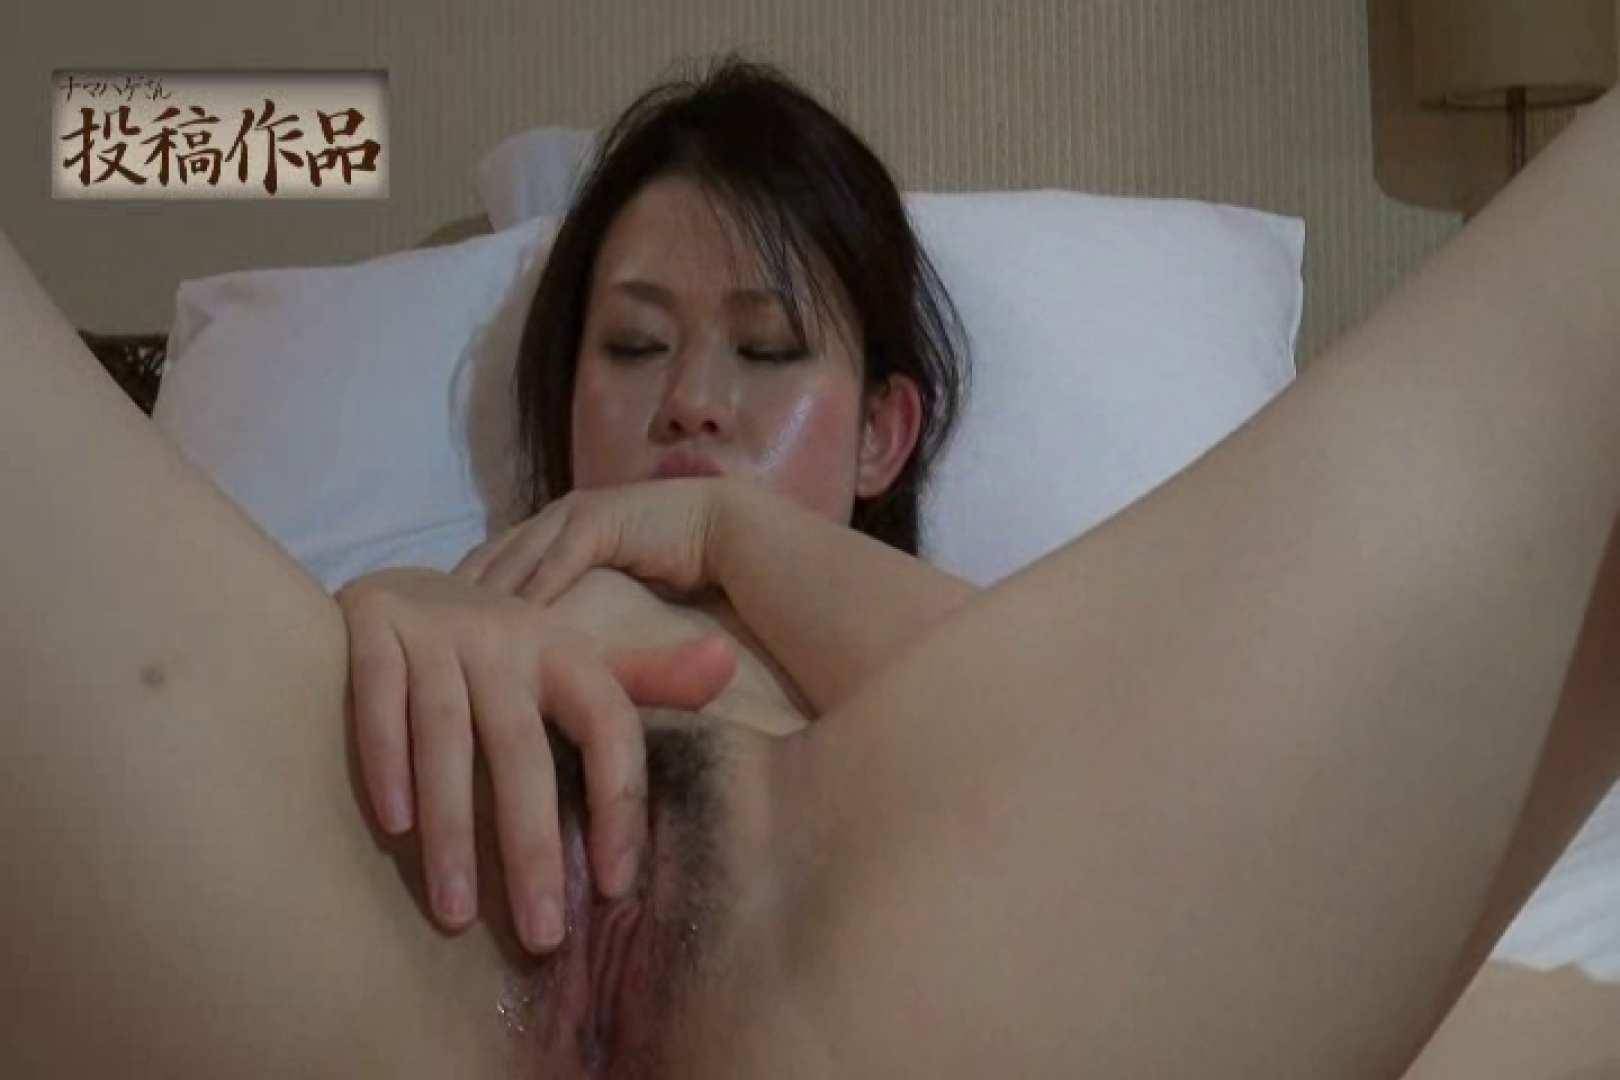 ナマハゲさんのまんこコレクション第二章 Miki02 美しいOLの裸体  97pic 24